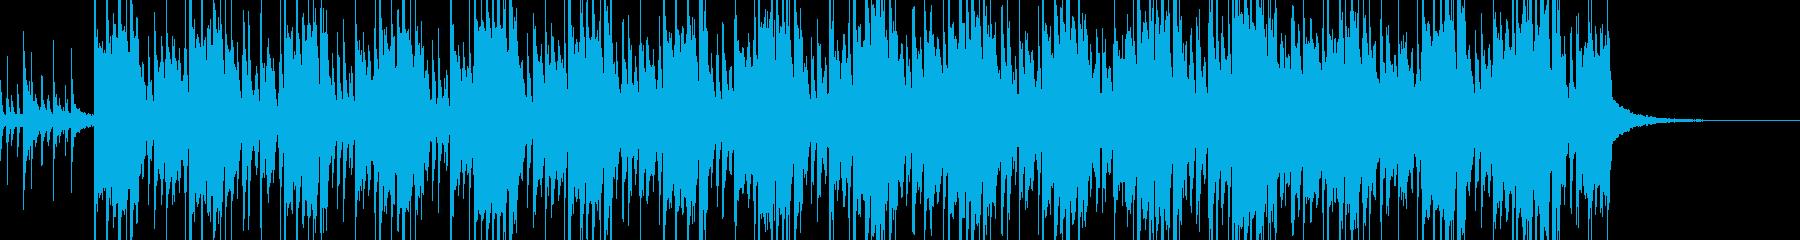 南国風ビートの明るいBGMの再生済みの波形